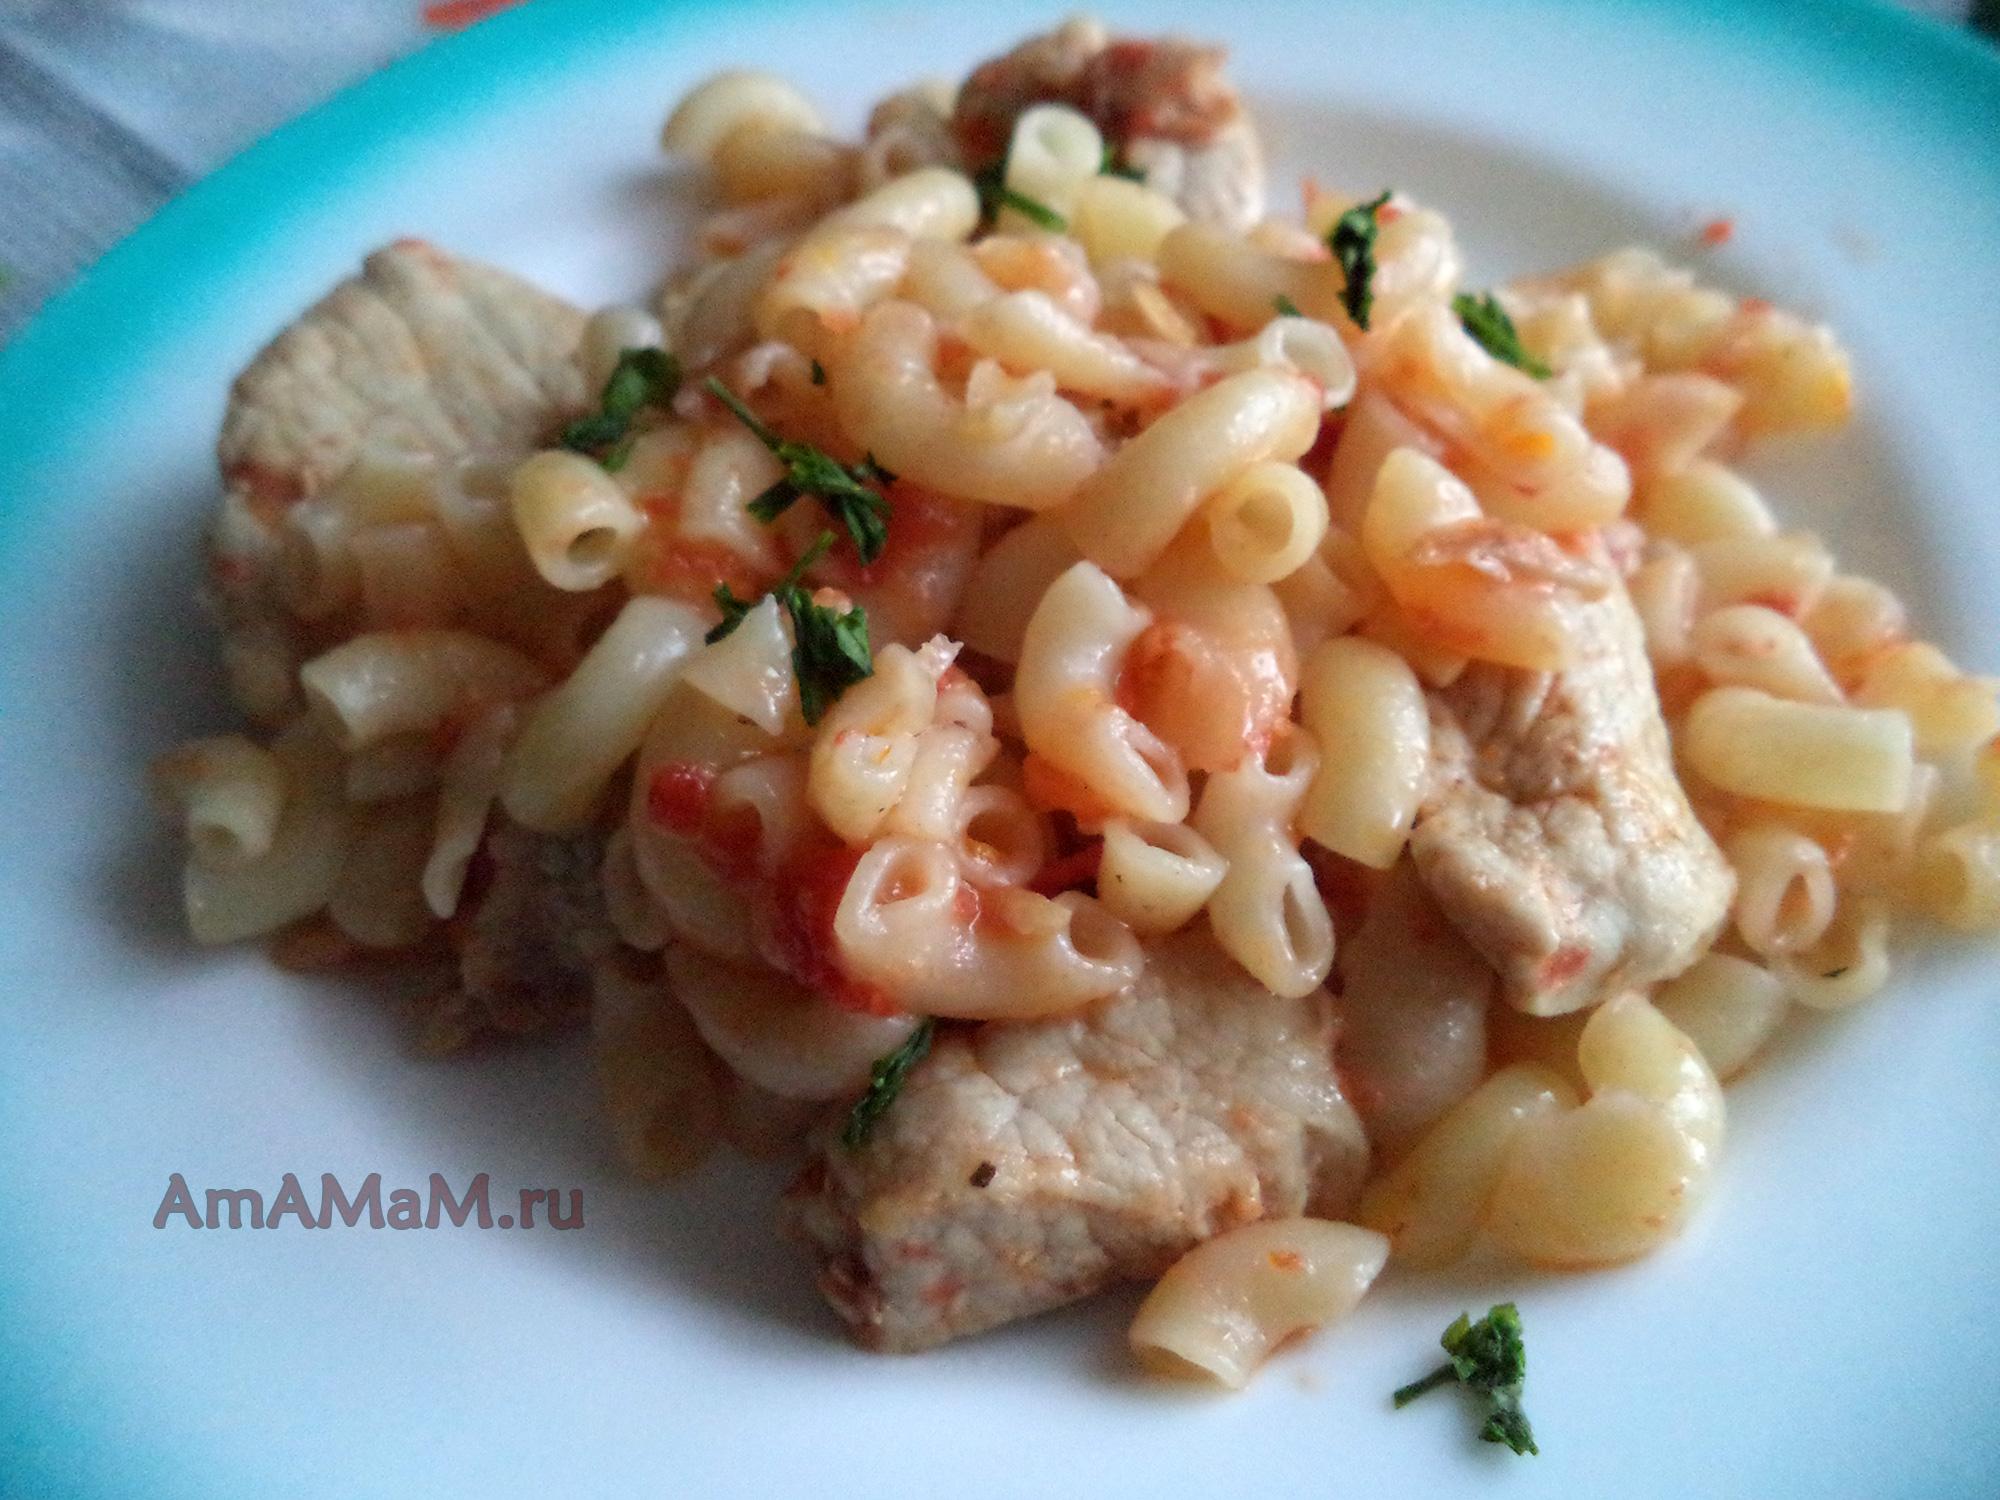 Как приготовить рожки с мясом вкусно и просто